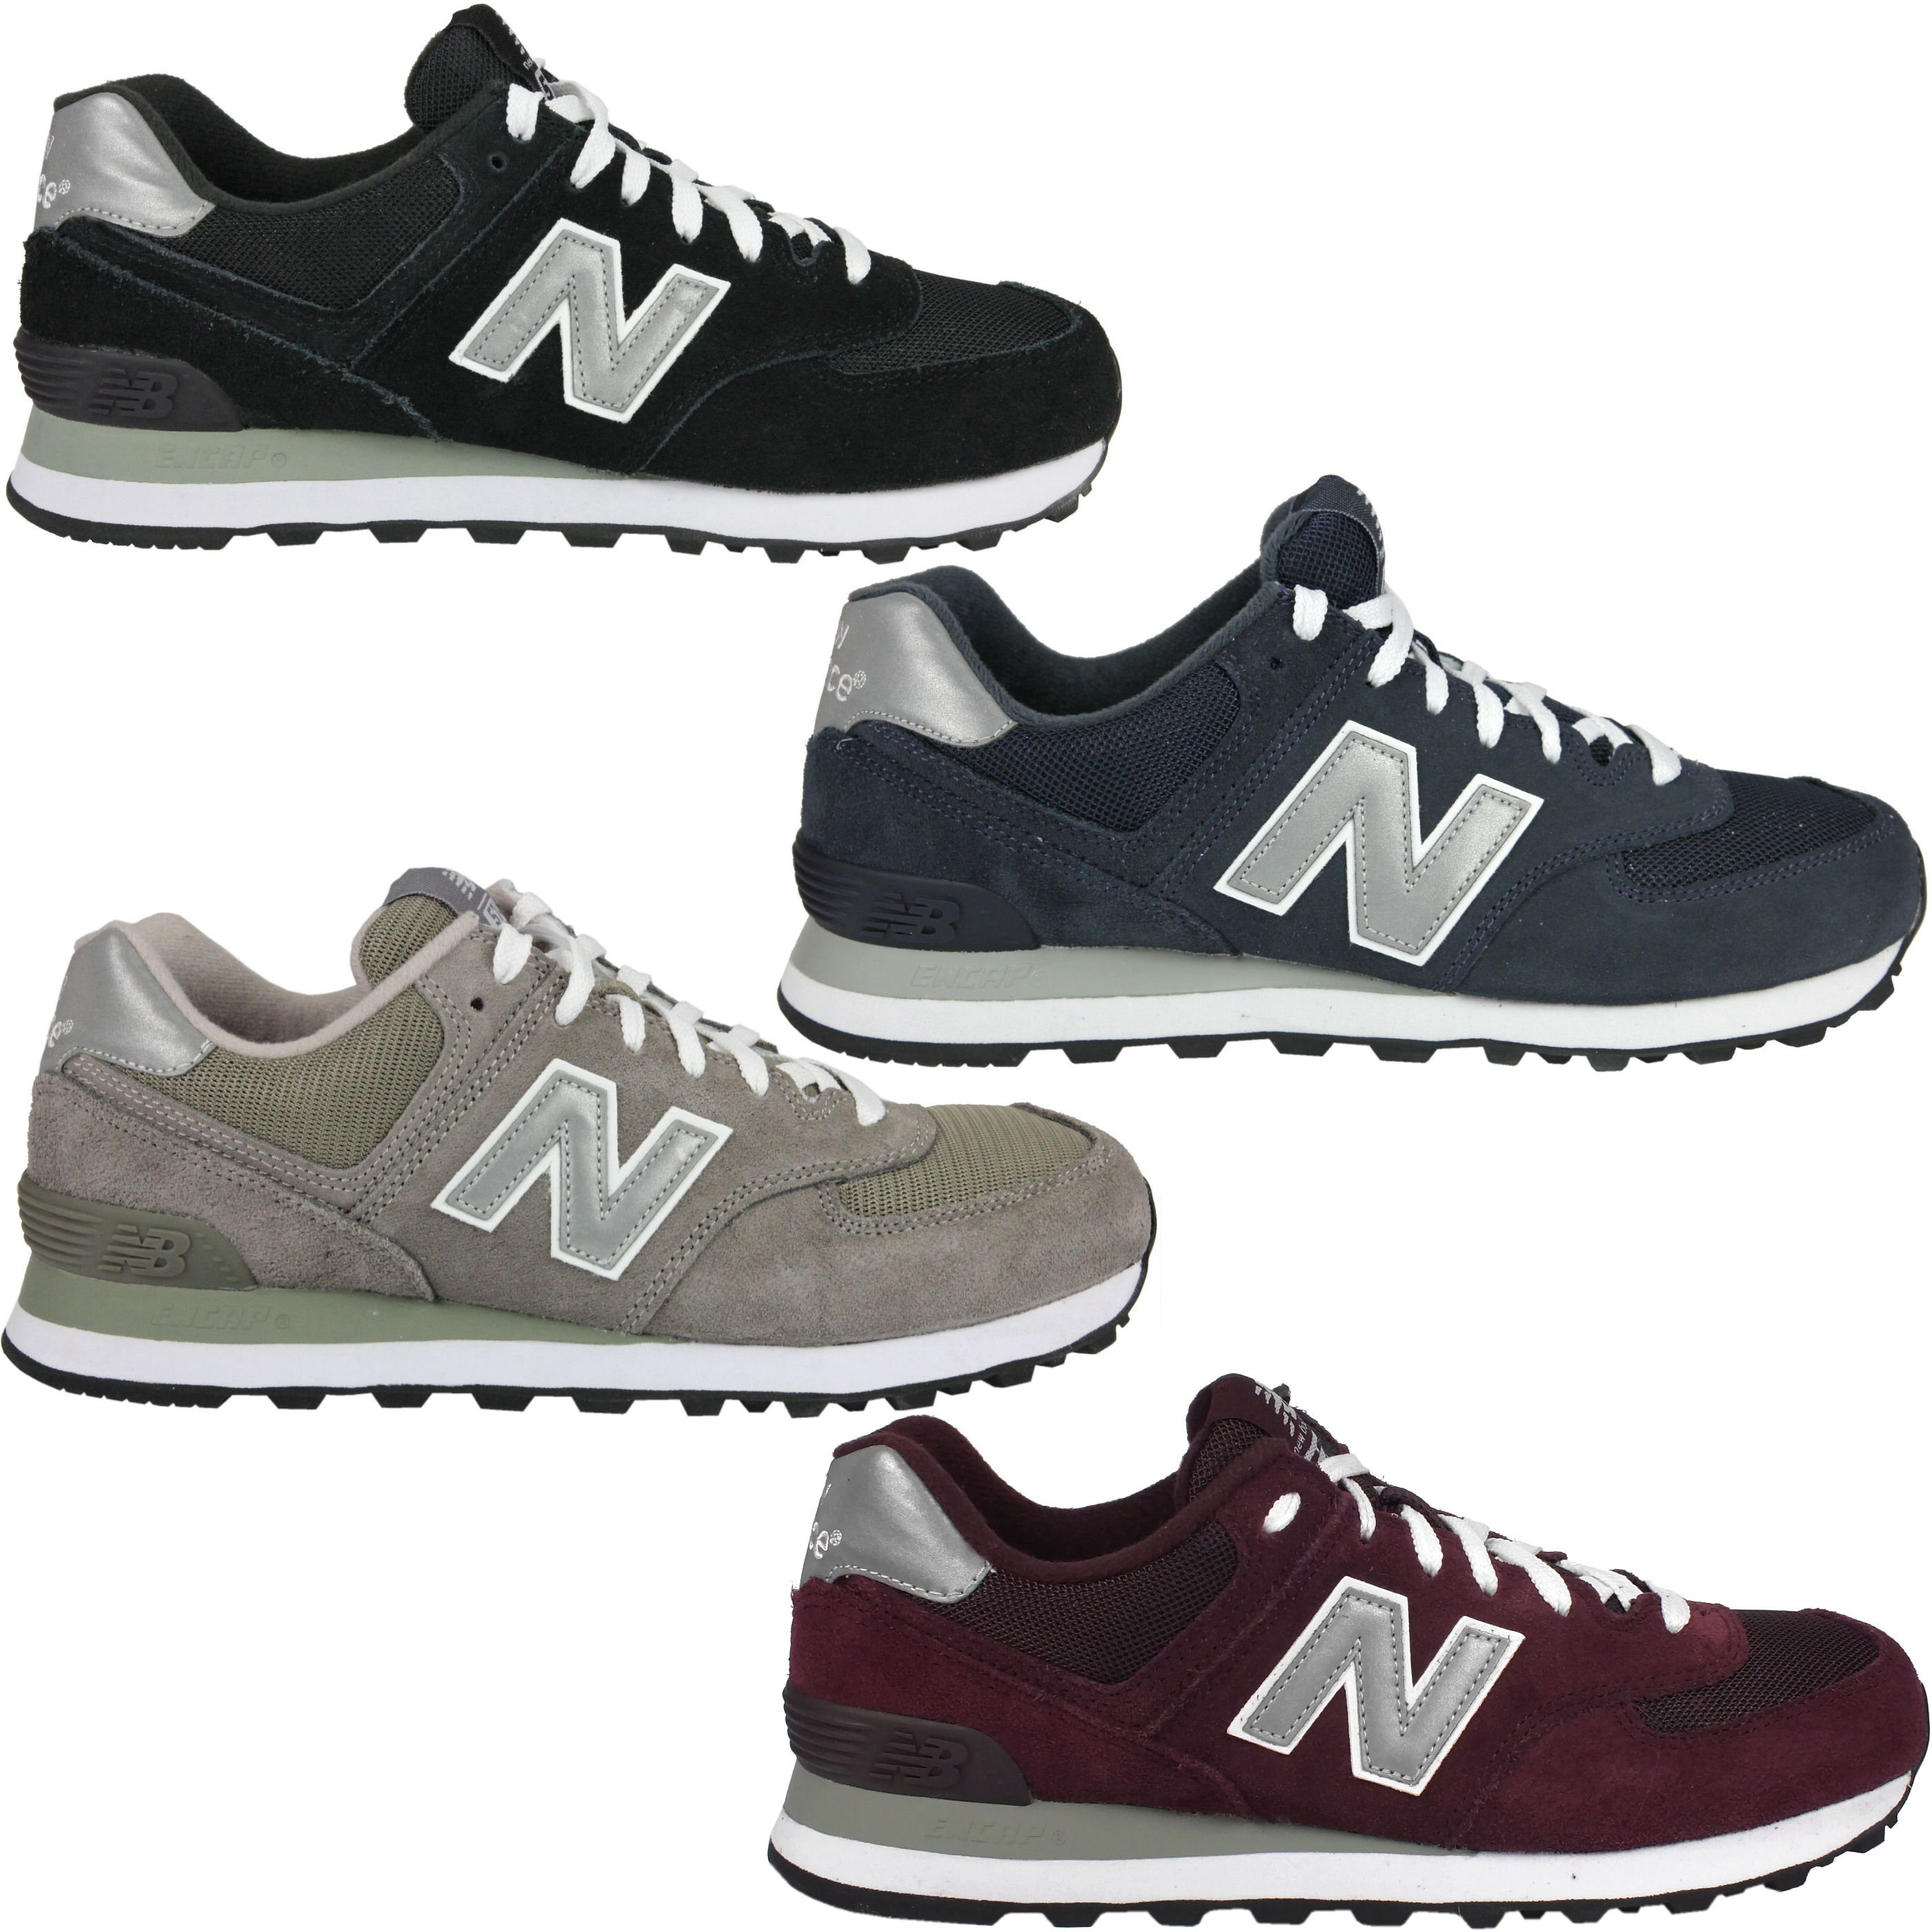 Nn M574 Balance Damen Schuhe Nk New Gs Herren Grau Blau Sneaker wqAtx4